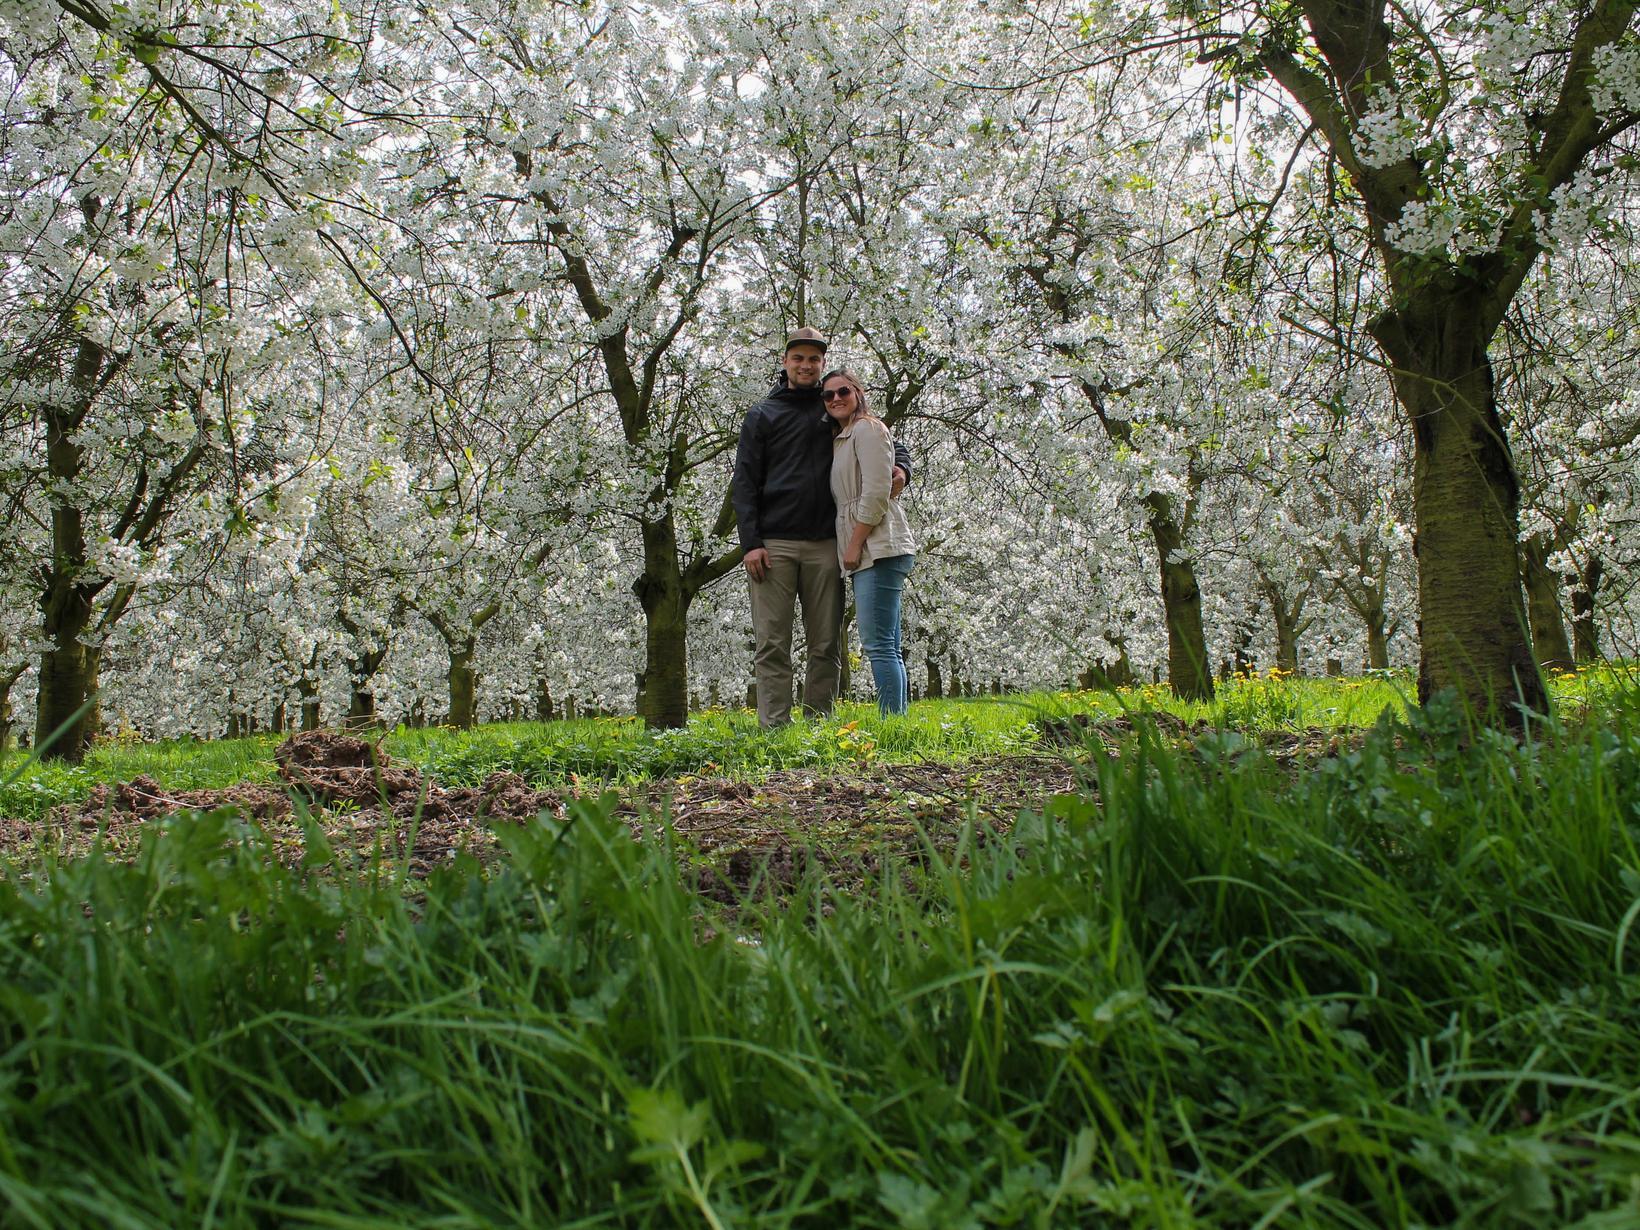 Janne & Dries from Balen, Belgium